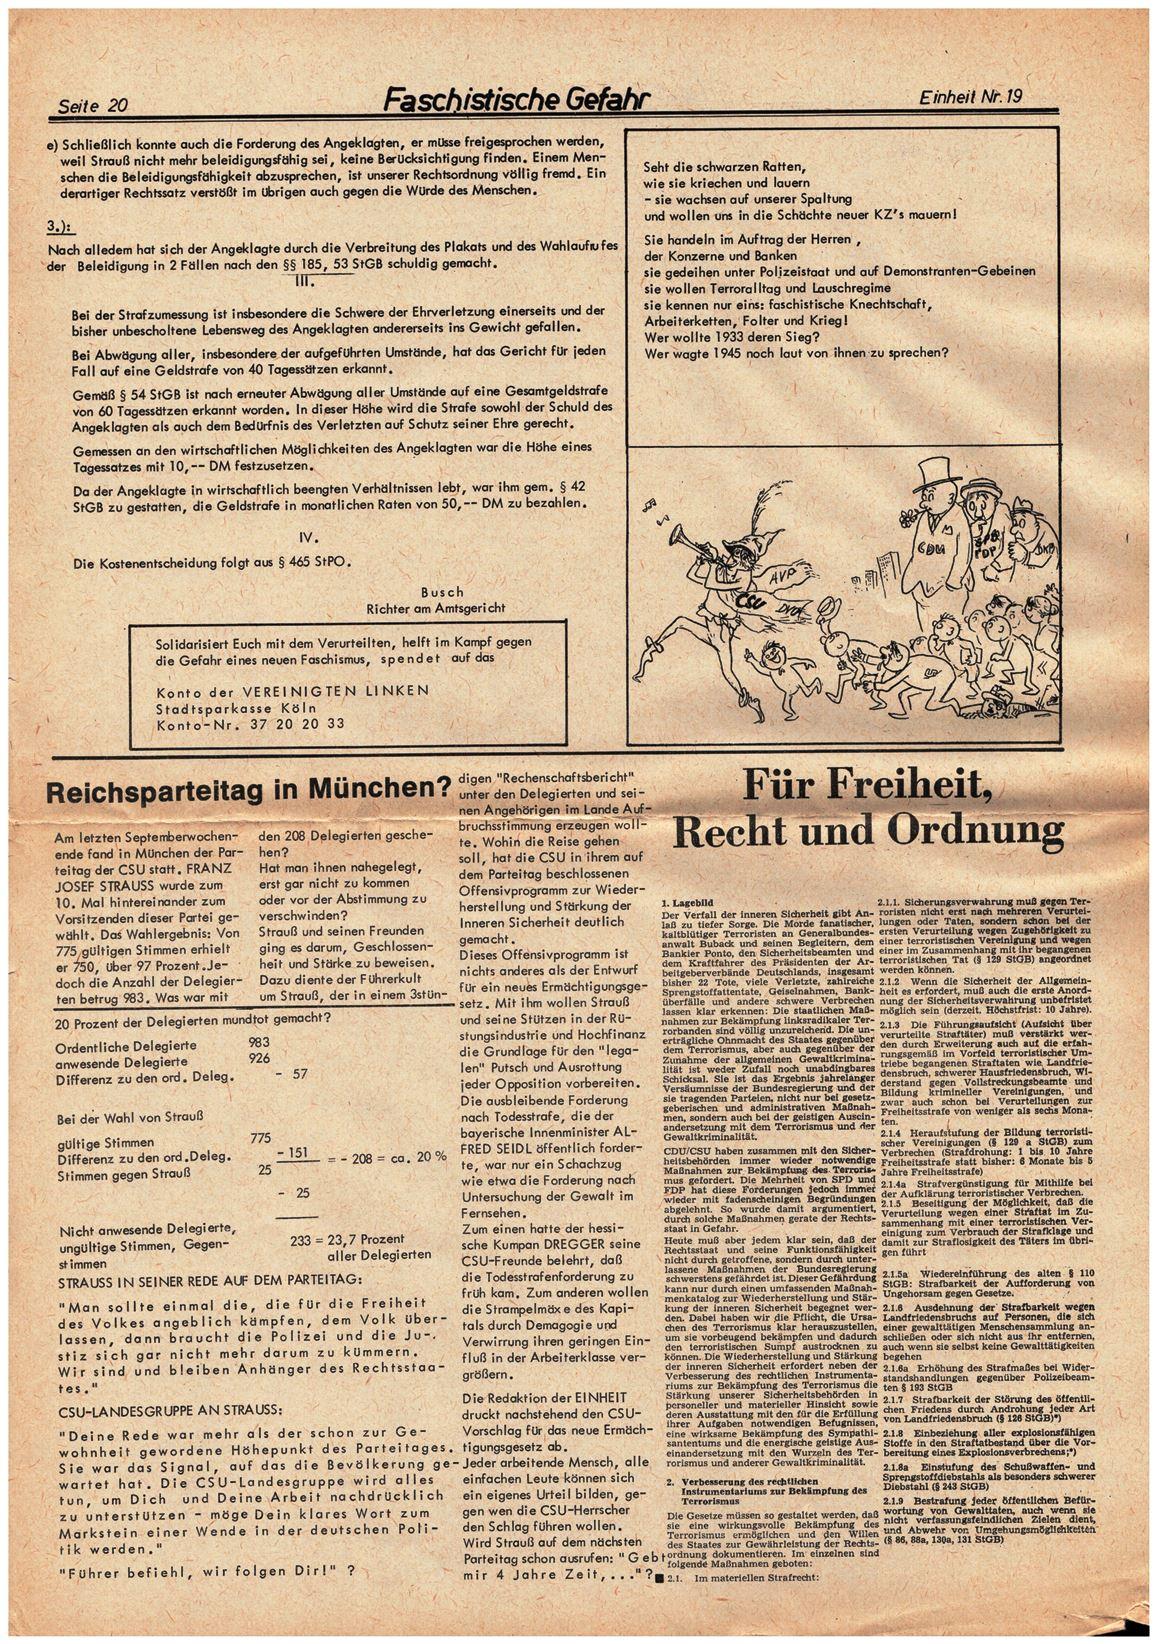 Koeln_IPdA_Einheit_1977_019_022